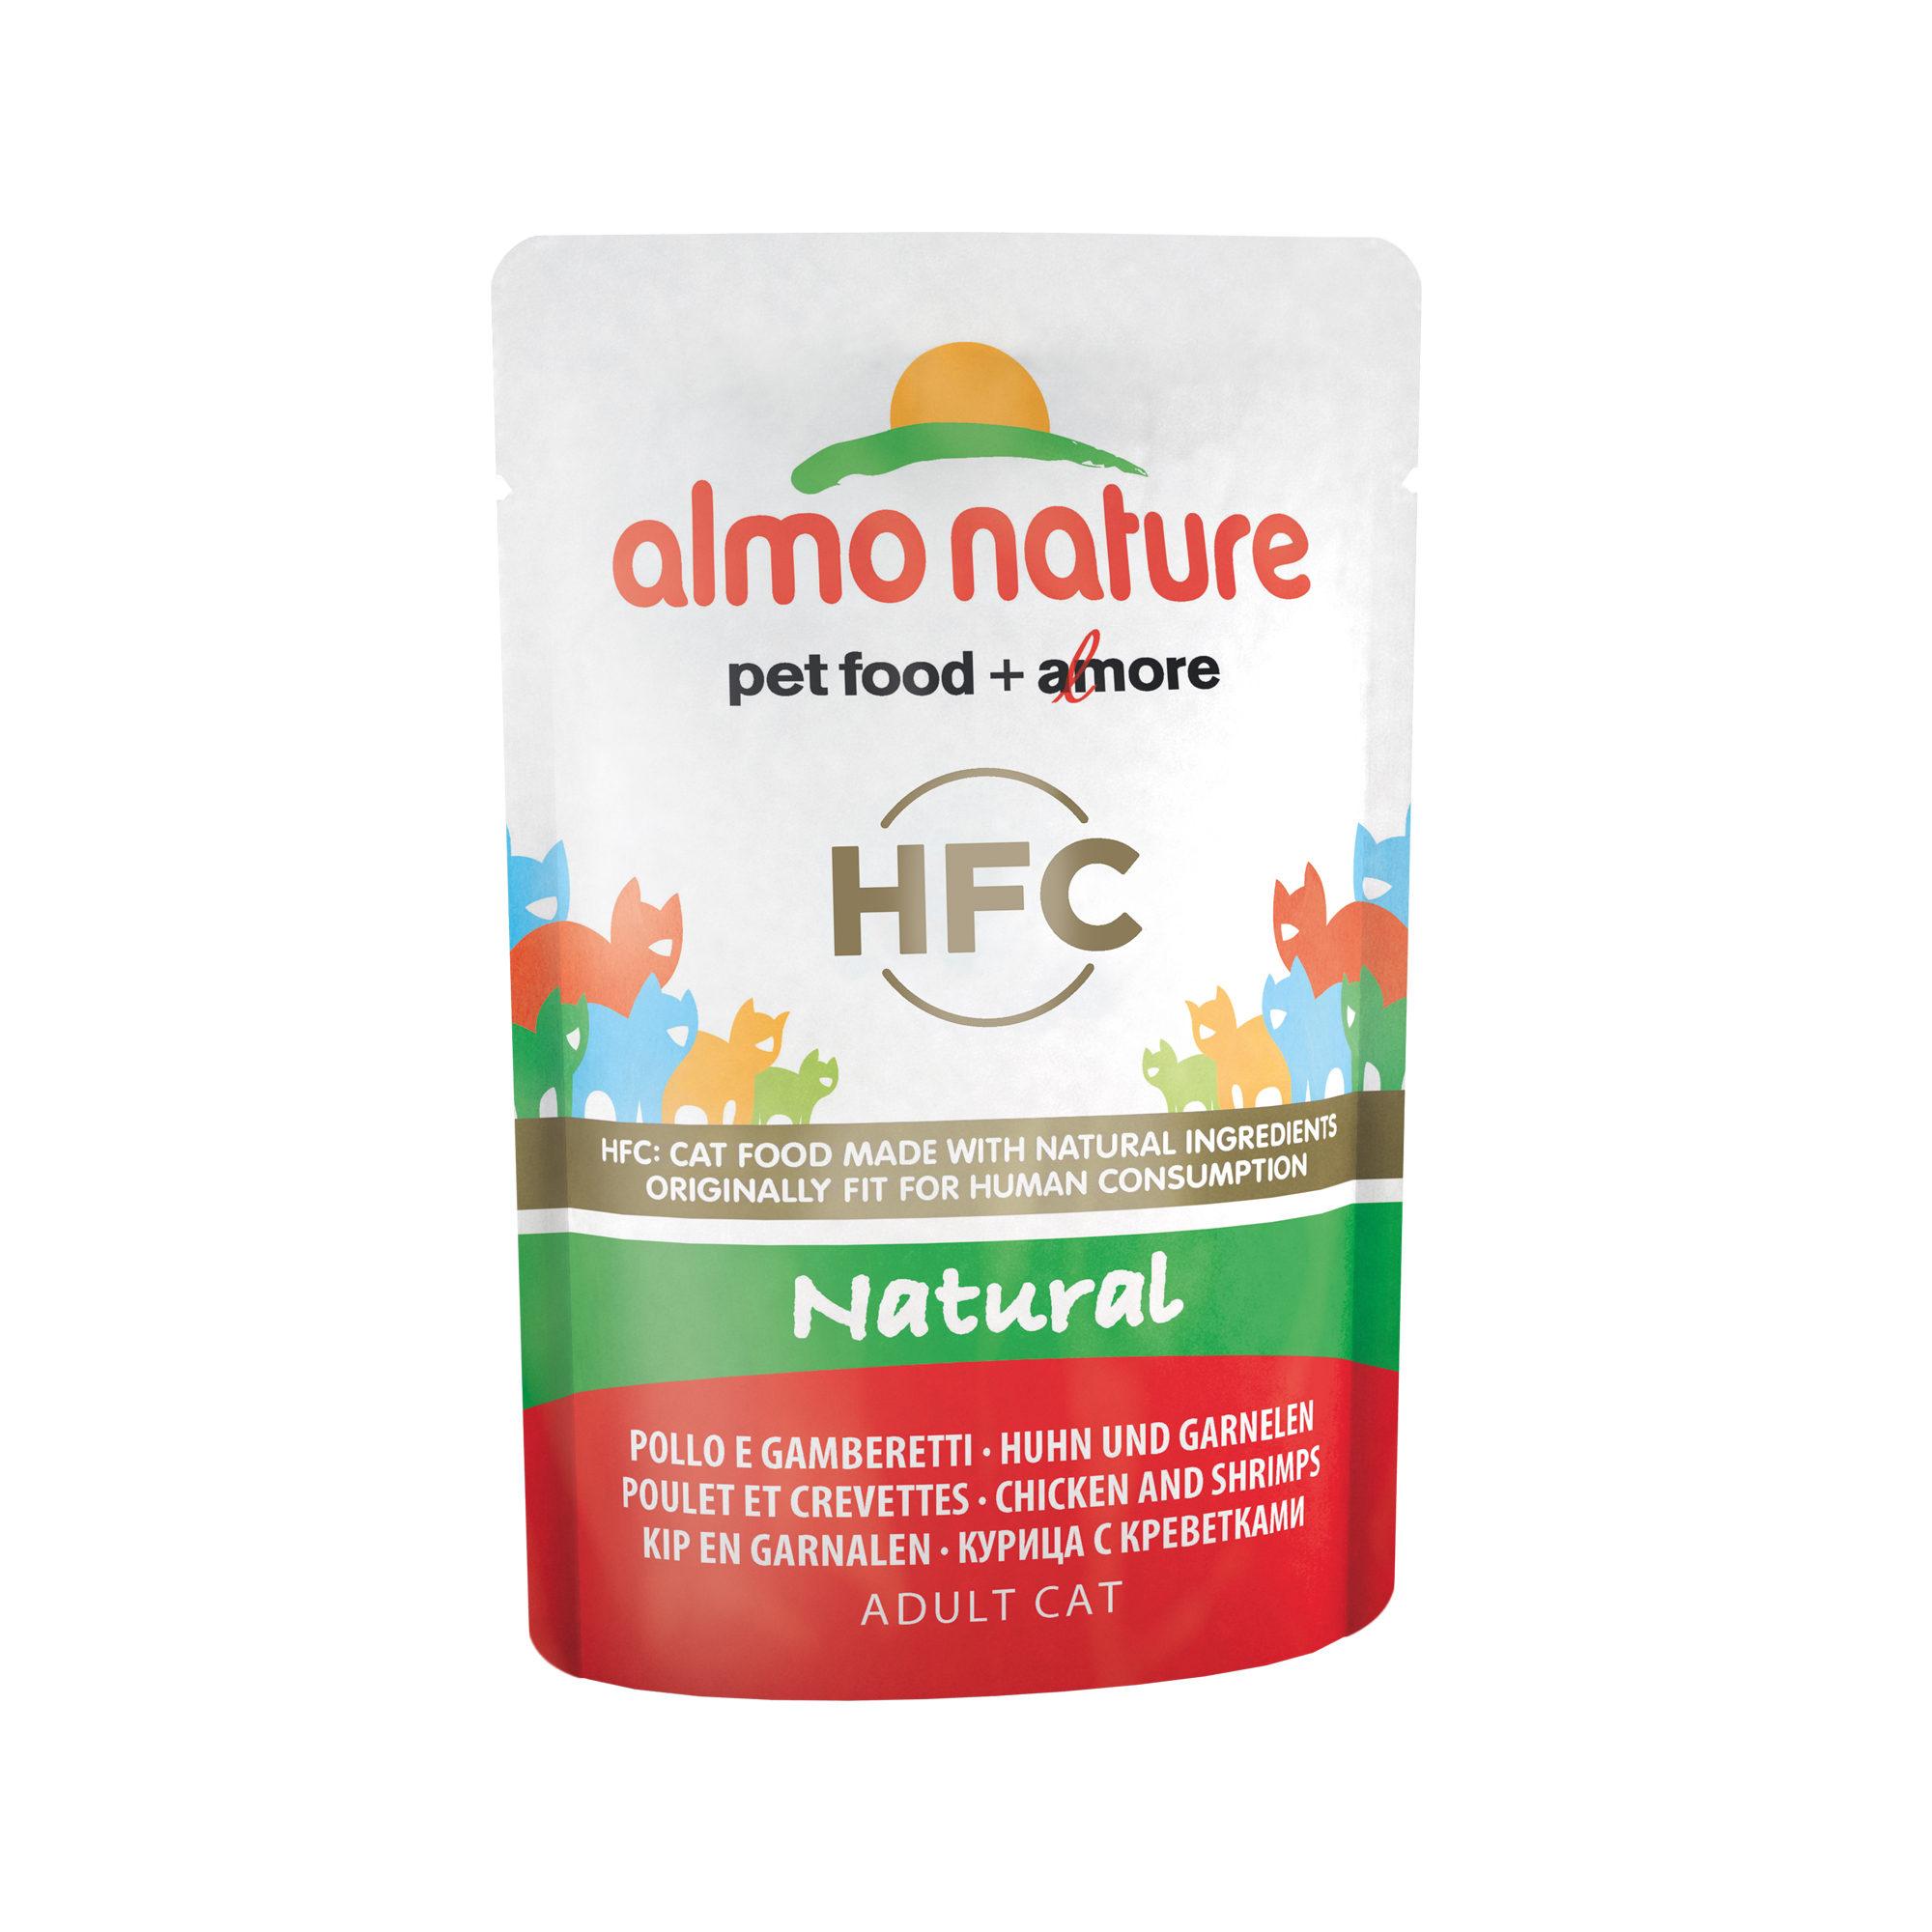 Almo Nature HFC Natural - Poulet et crevette - Boîte - 24 x 55 g